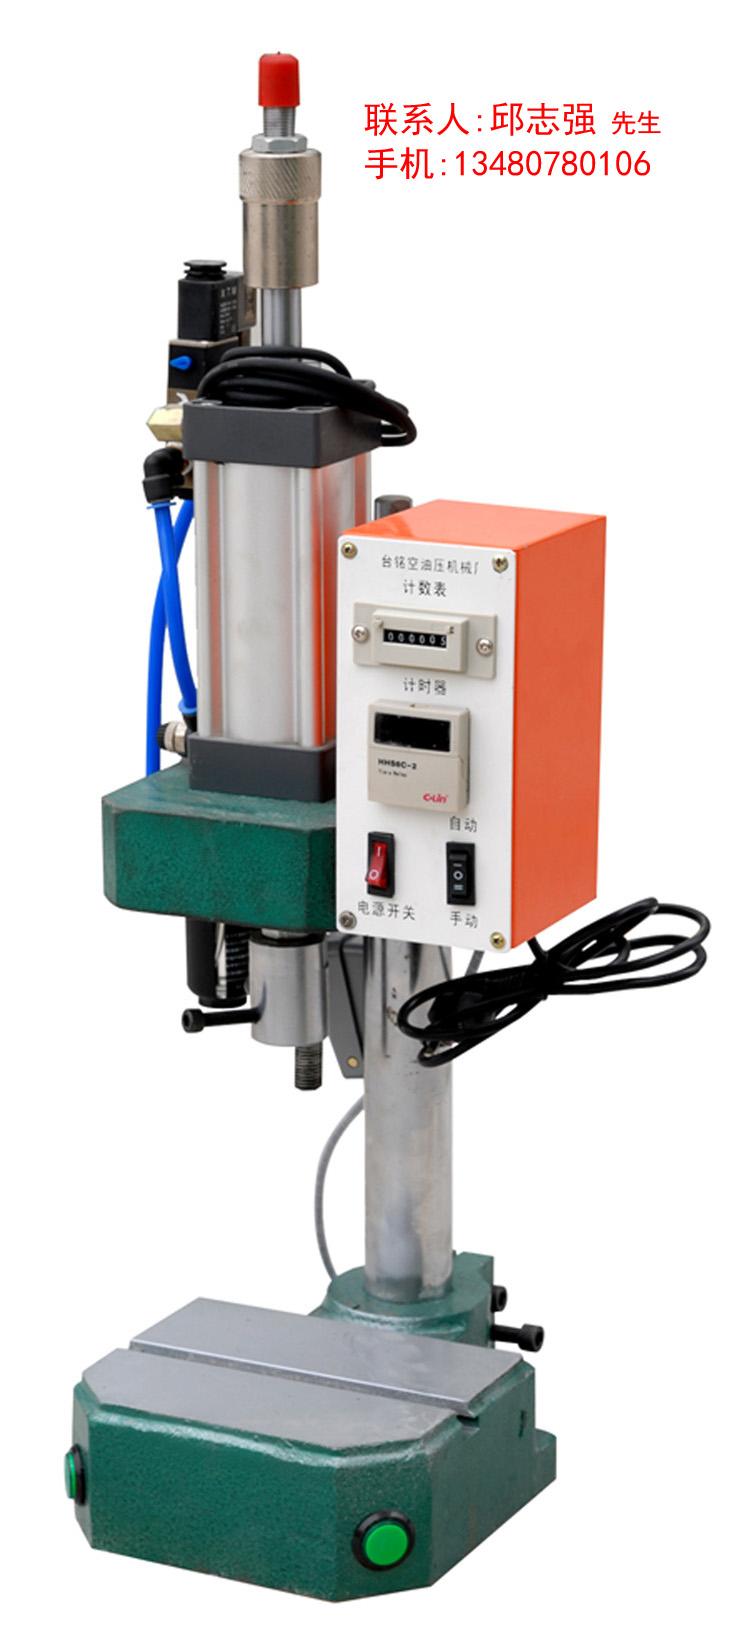 tm-101-100kg气动压床,气动冲压机,小型压力机_气动热图片